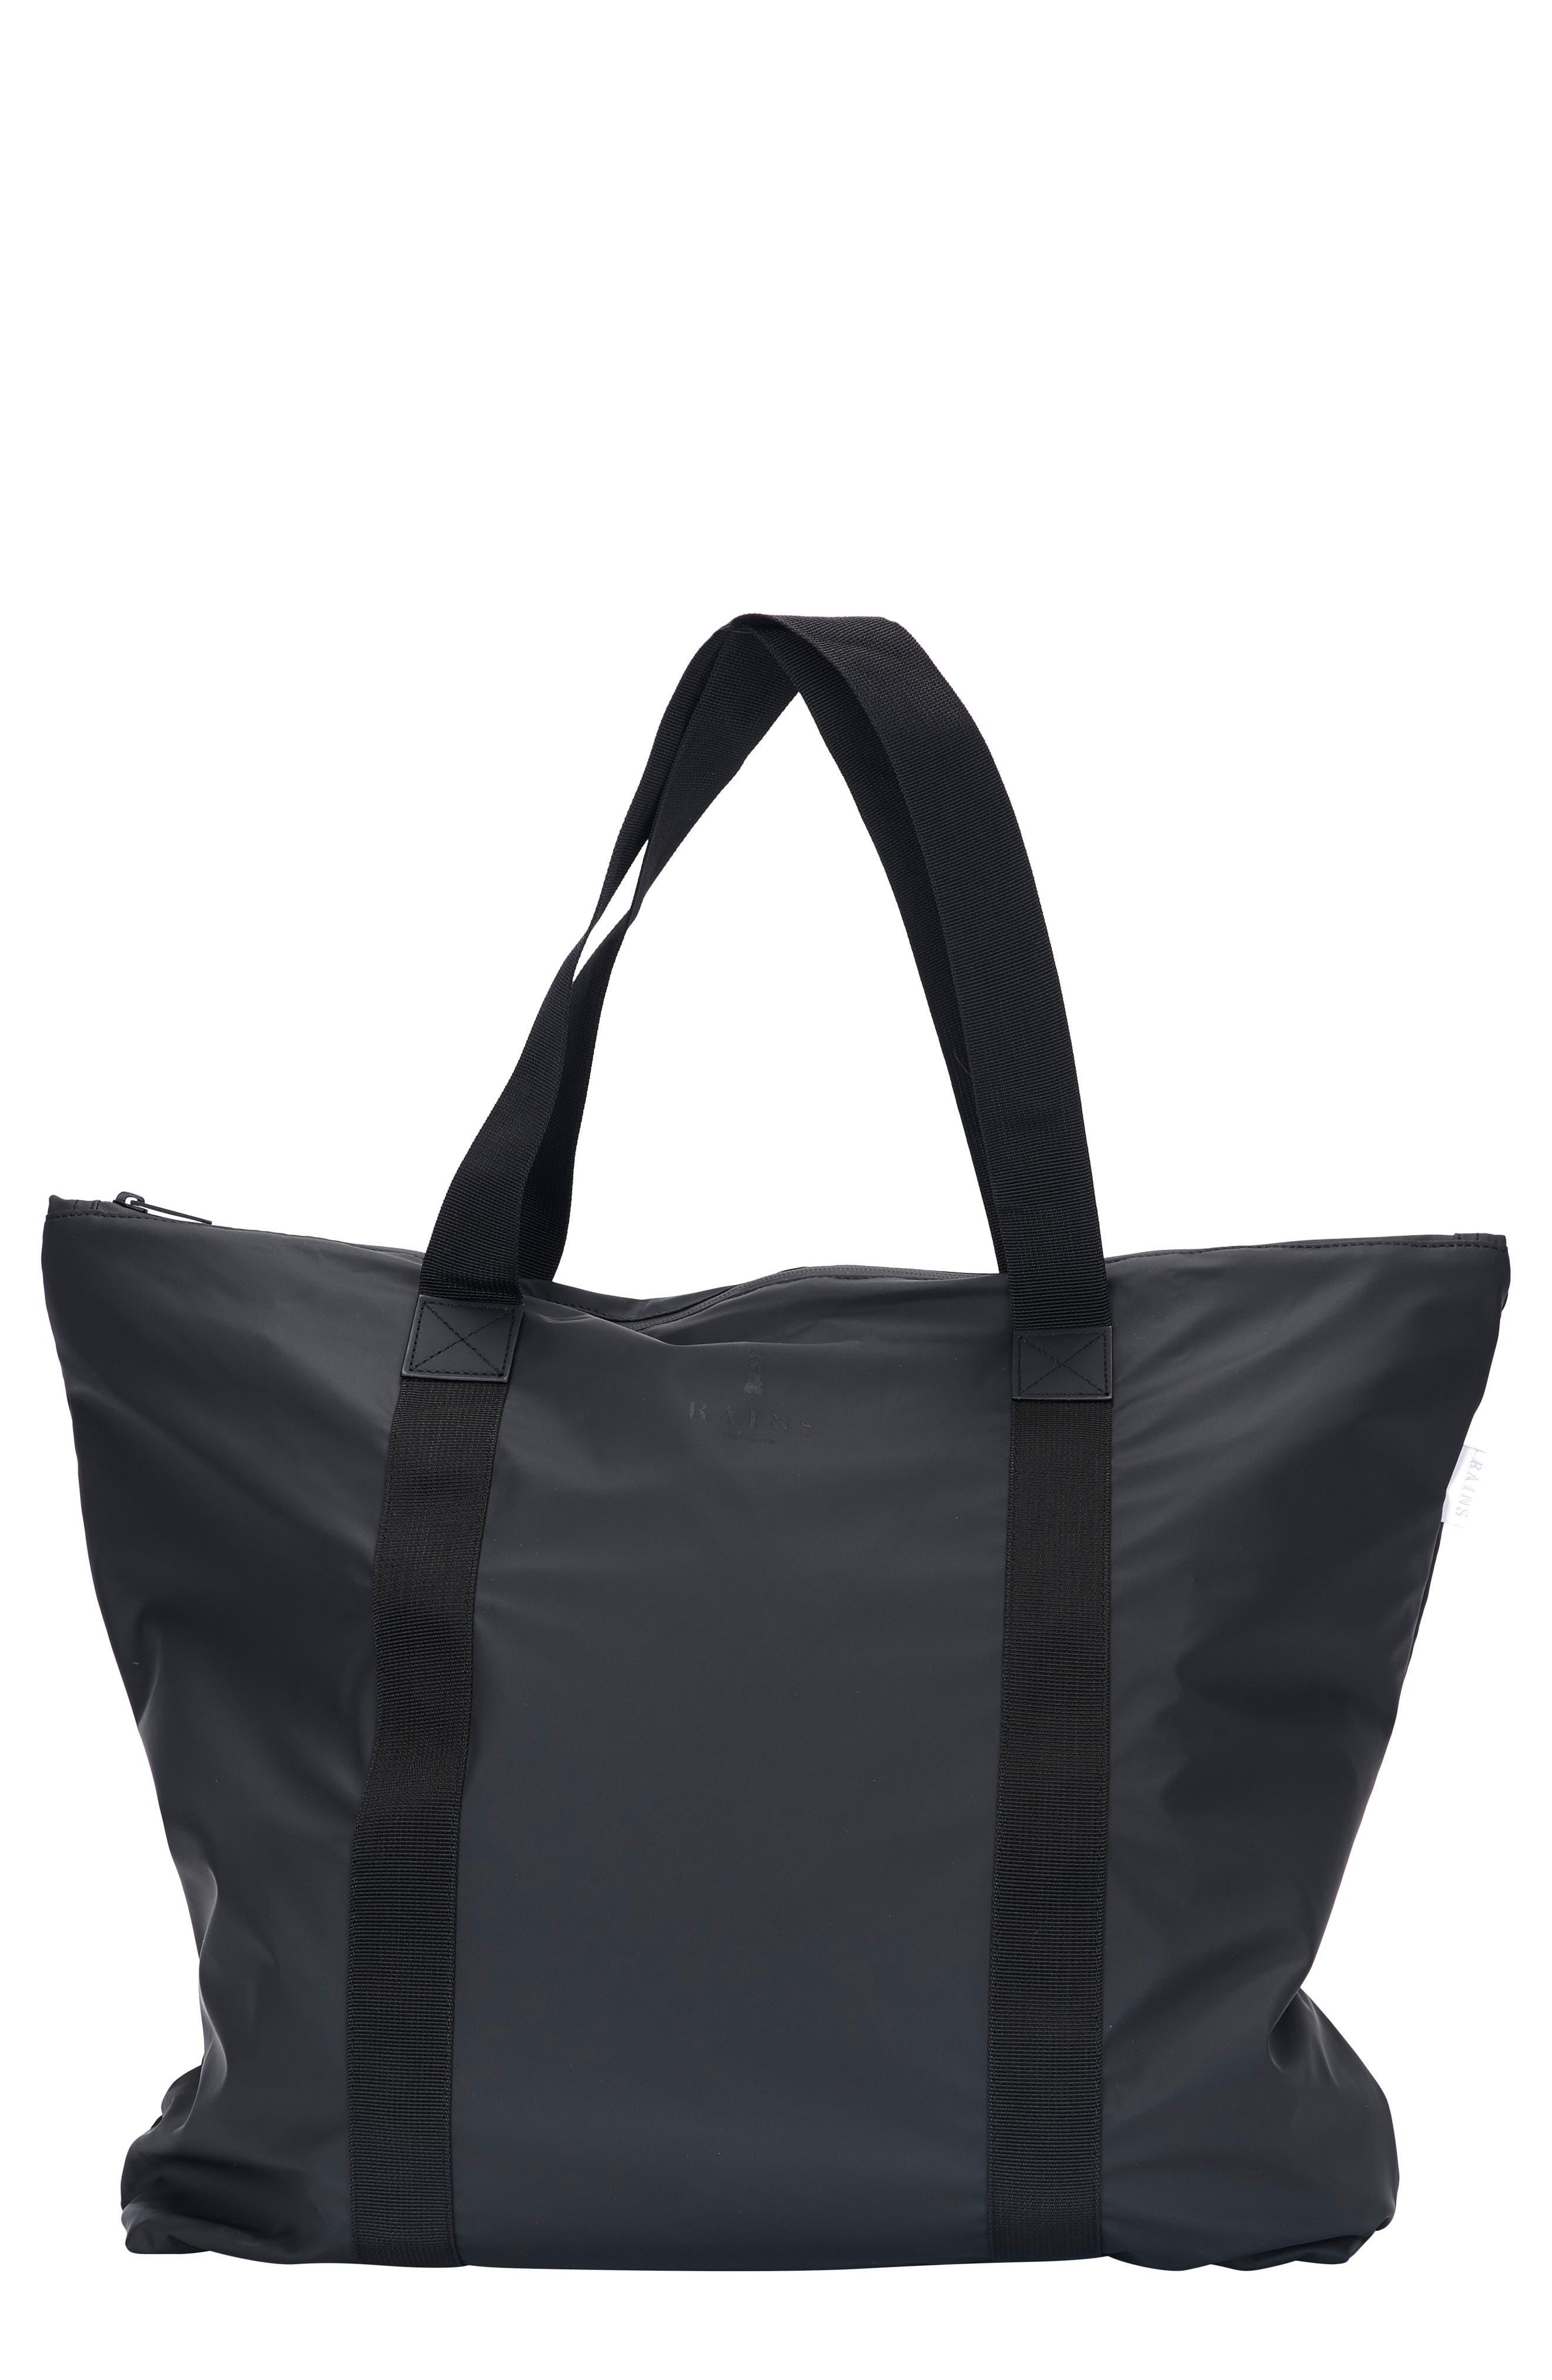 Waterproof Tote Bag,                             Main thumbnail 1, color,                             BLACK